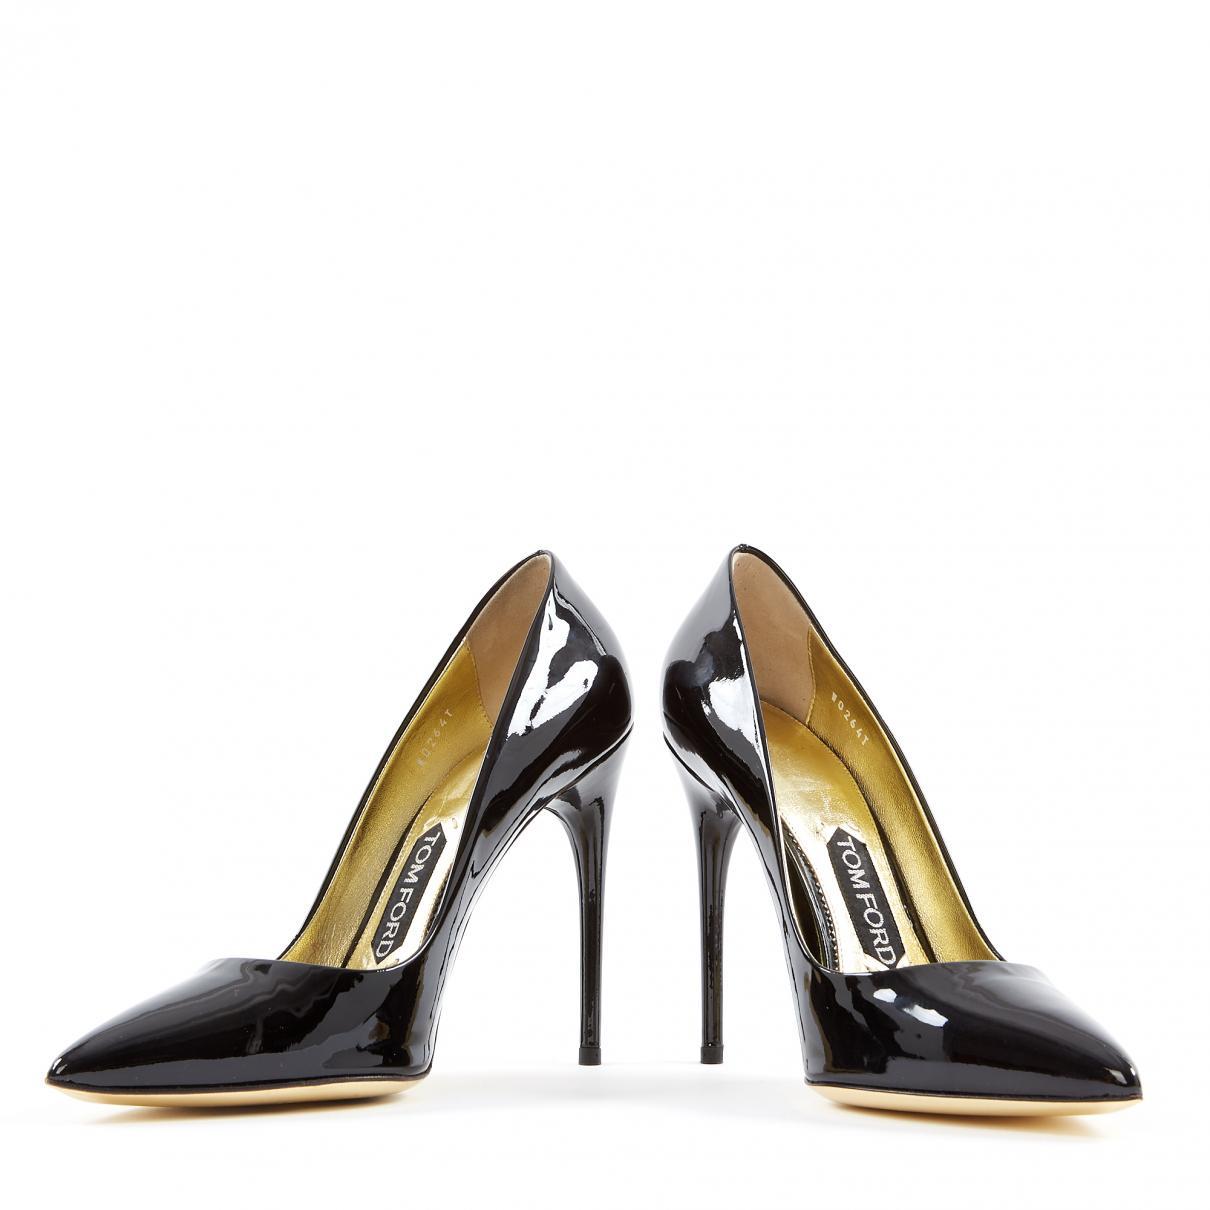 ddba9d7fb4b Tom Ford - Black Patent Leather Heels - Lyst. View fullscreen